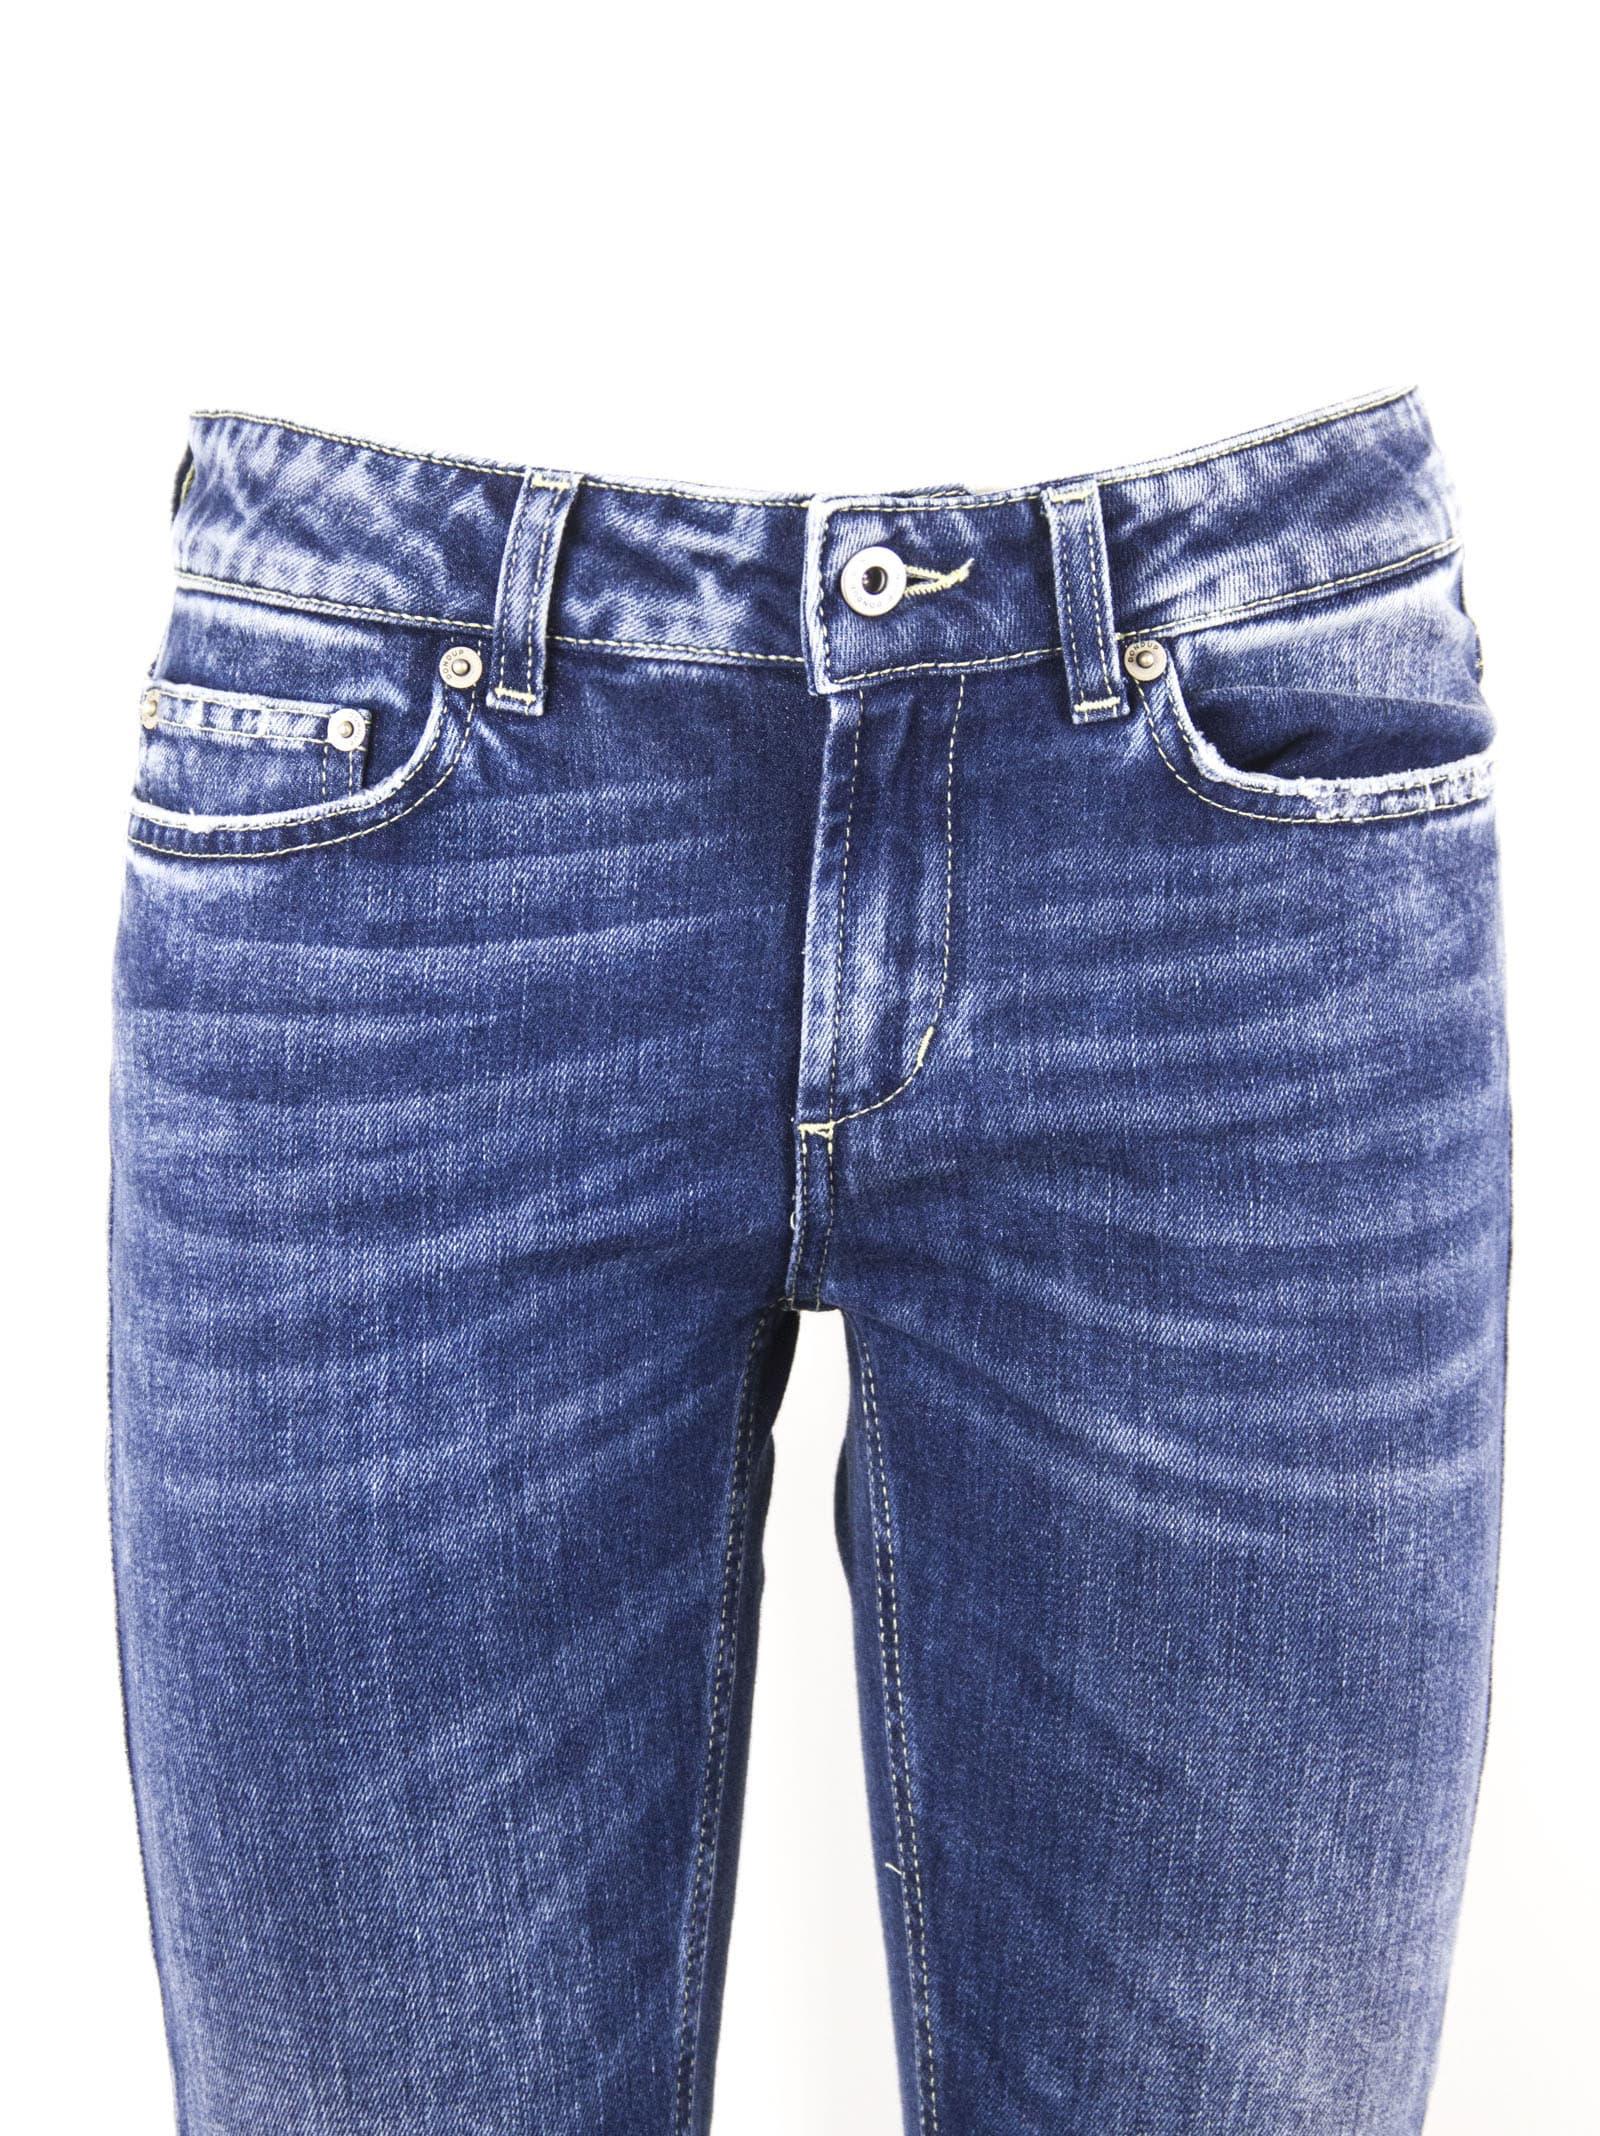 sports shoes 433bd 80469 Dondup Blue Cotton Jeans